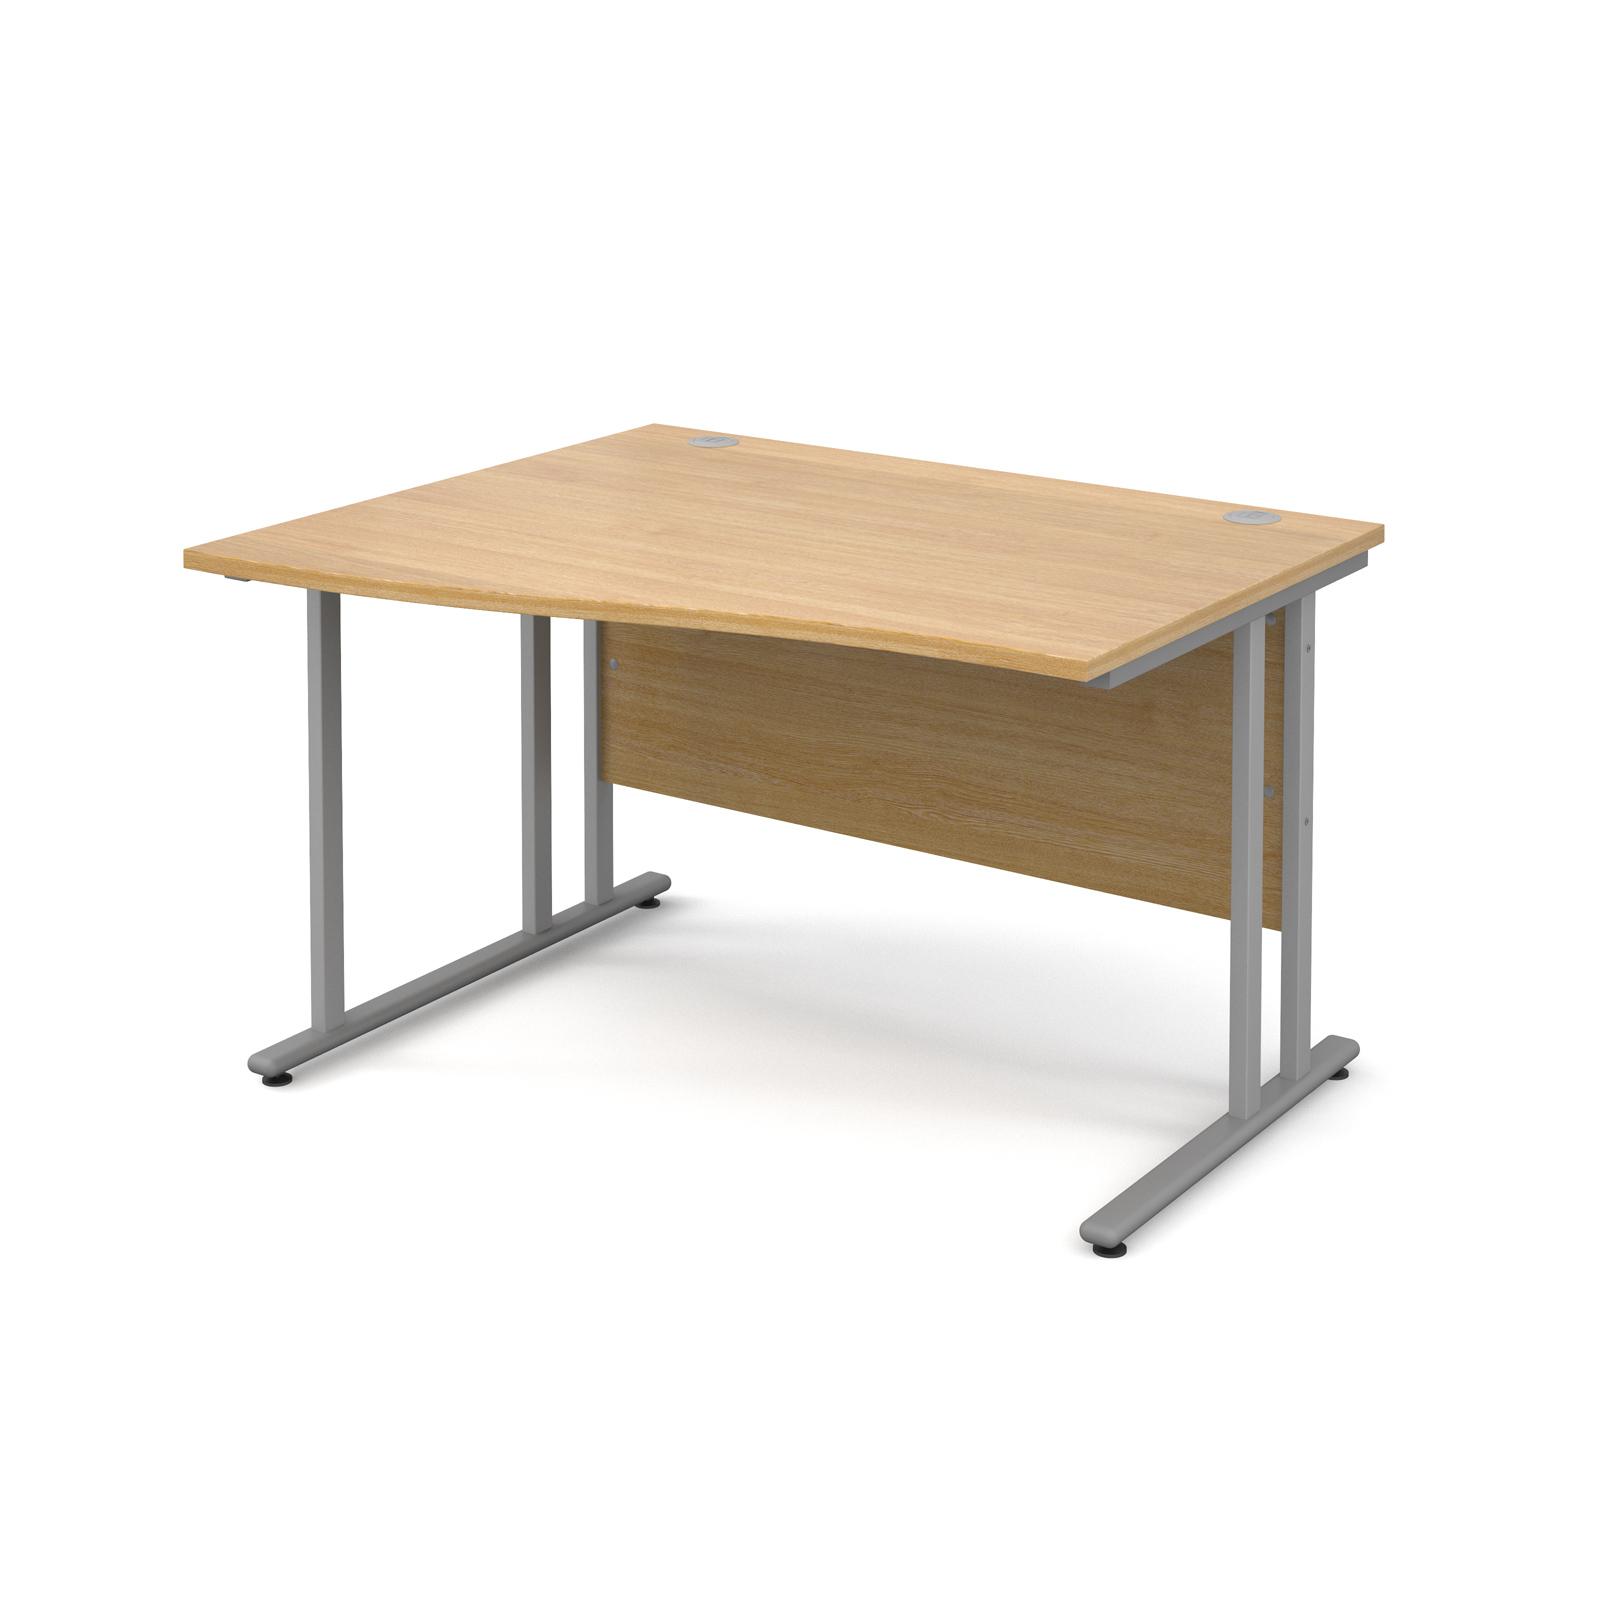 Maestro 25 SL left hand wave desk 1200mm - silver cantilever frame, oak top